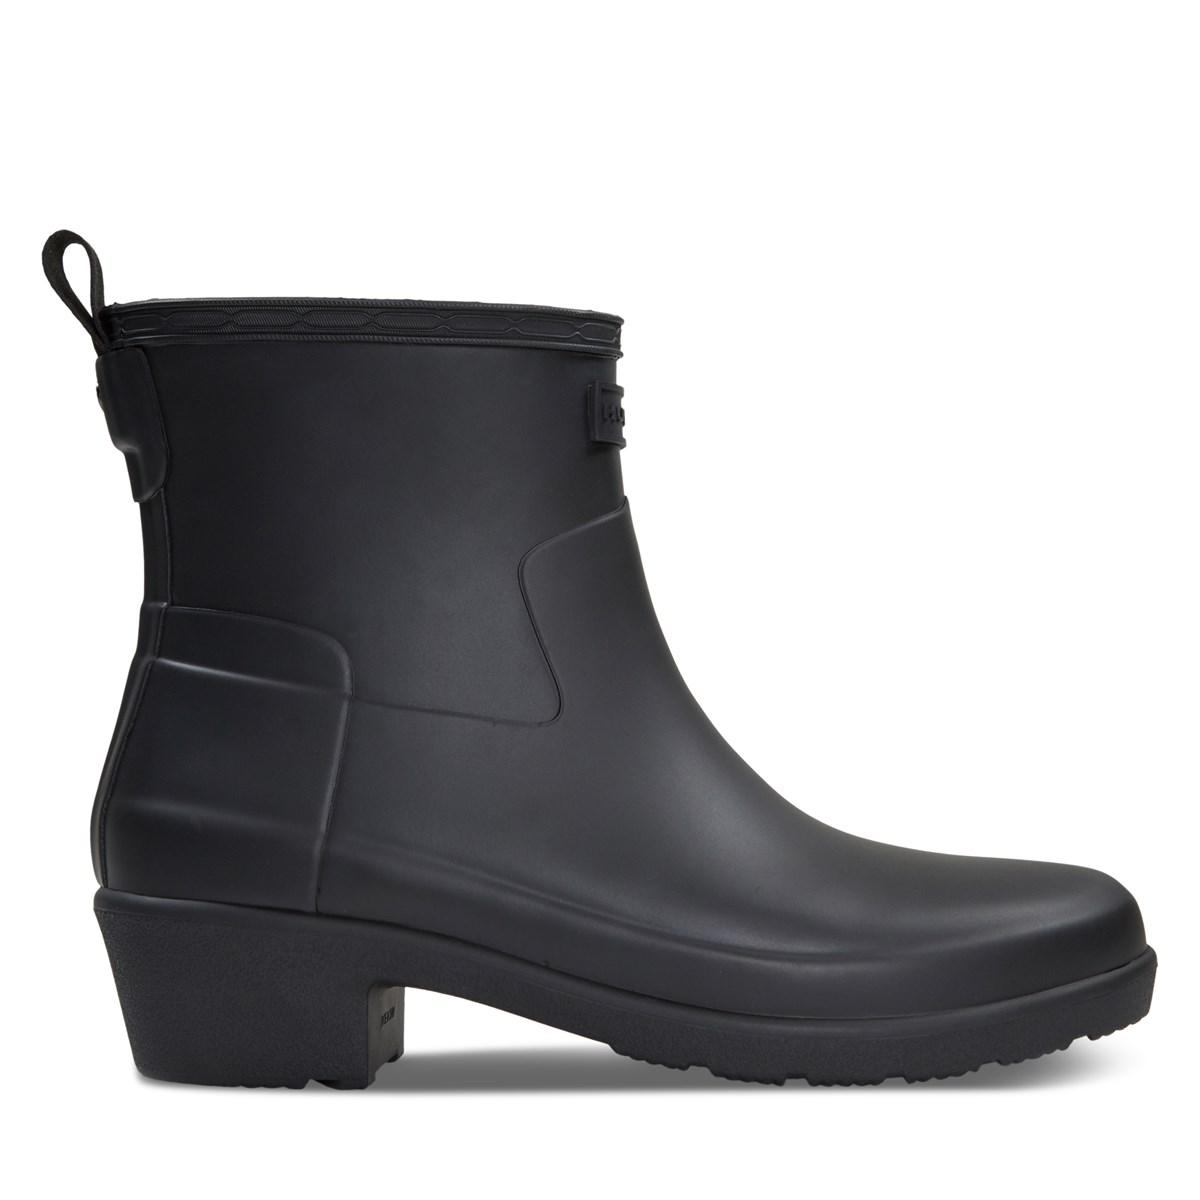 Women's Refined Low Ankle Rain Boots in Black